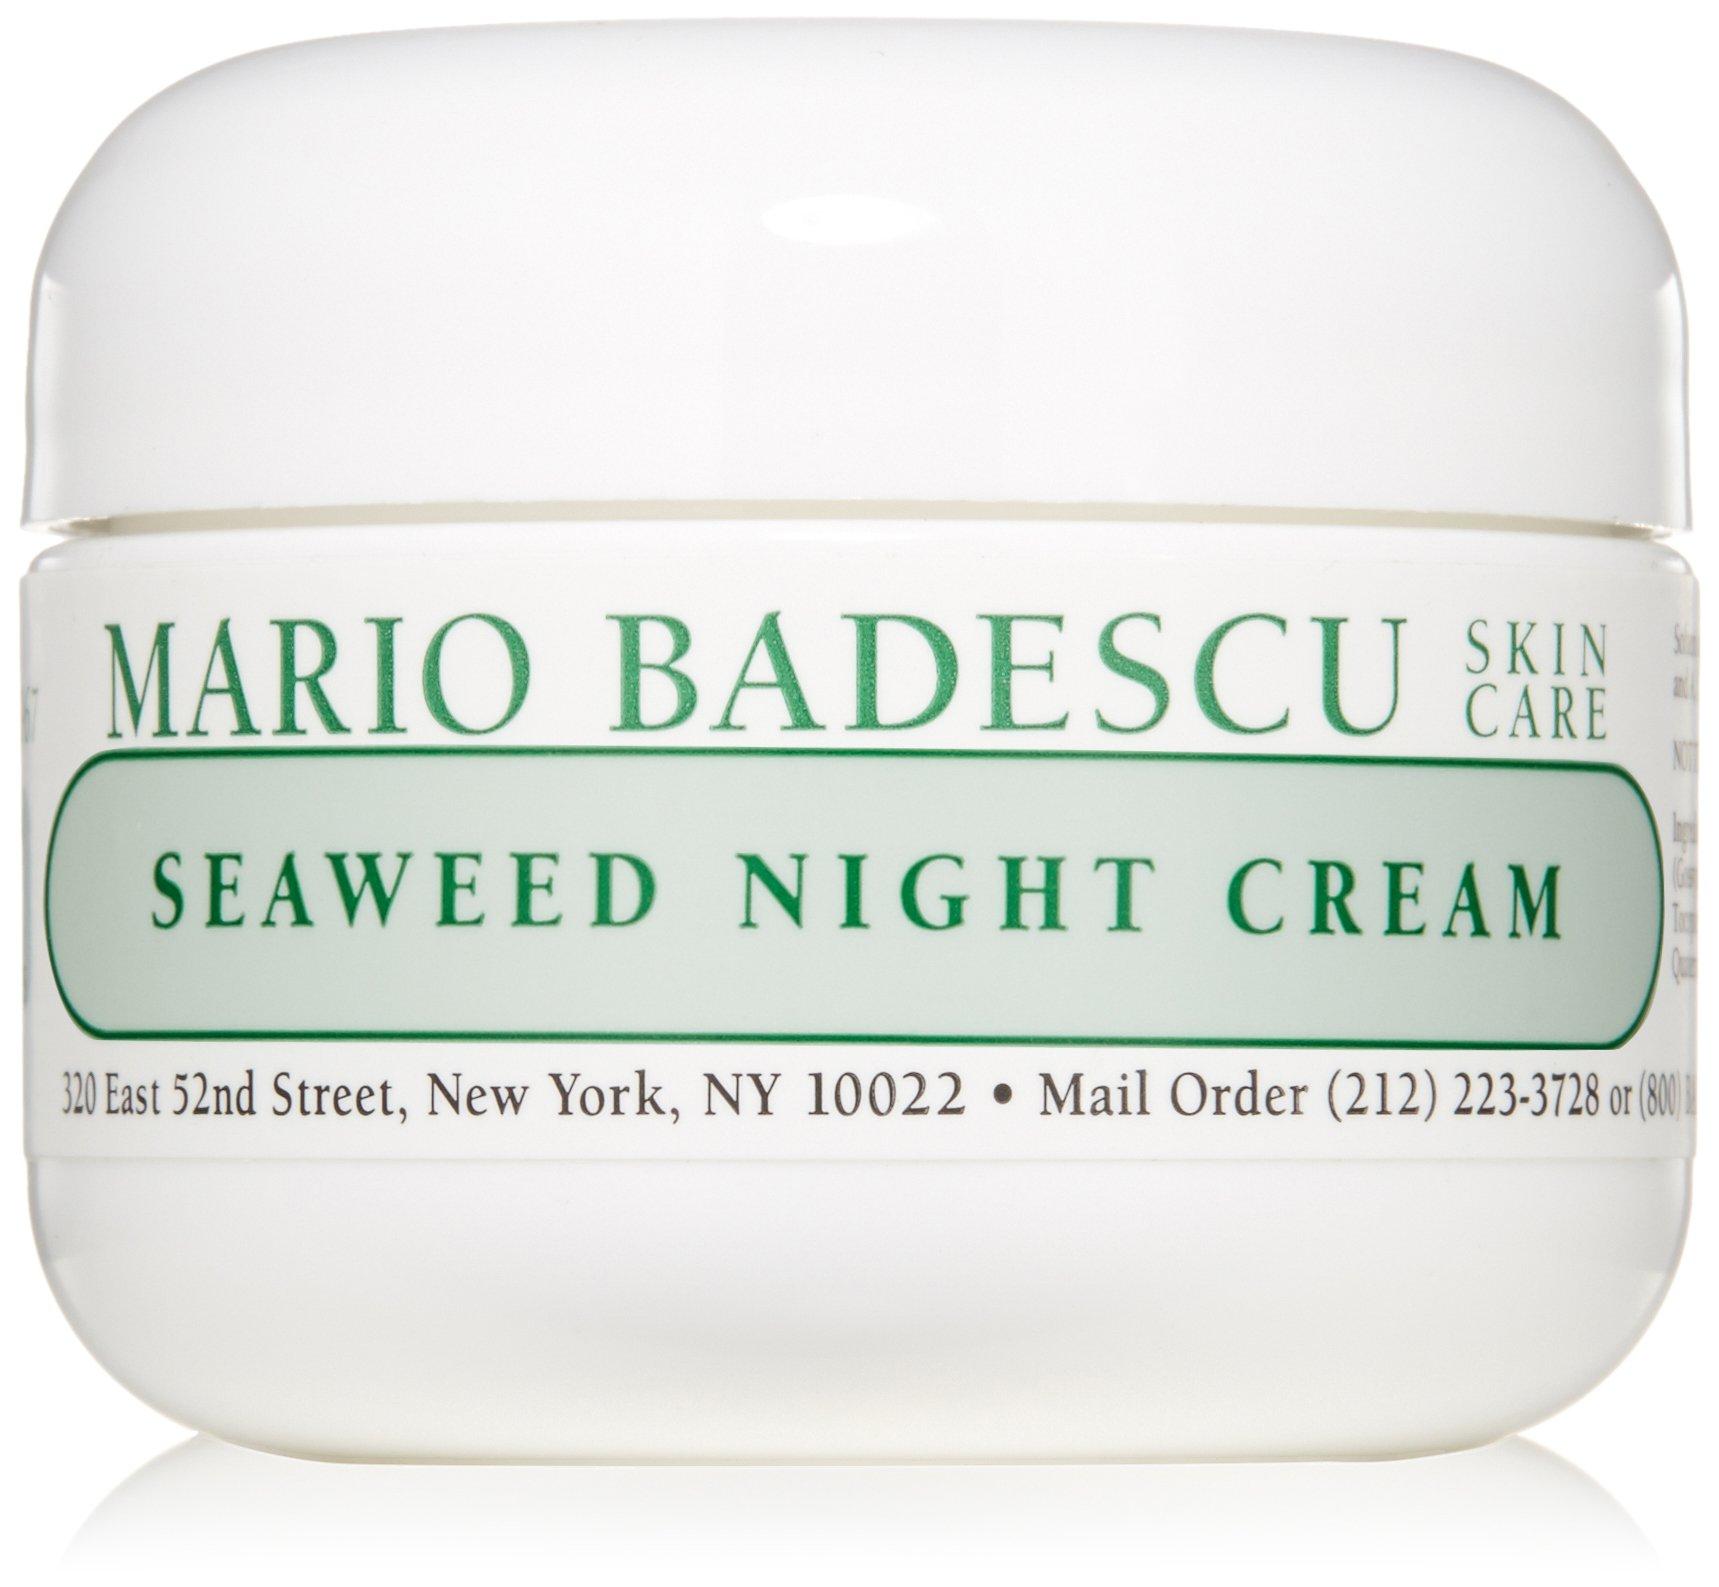 Mario Badescu Seaweed Night Cream, 1 oz by Mario Badescu